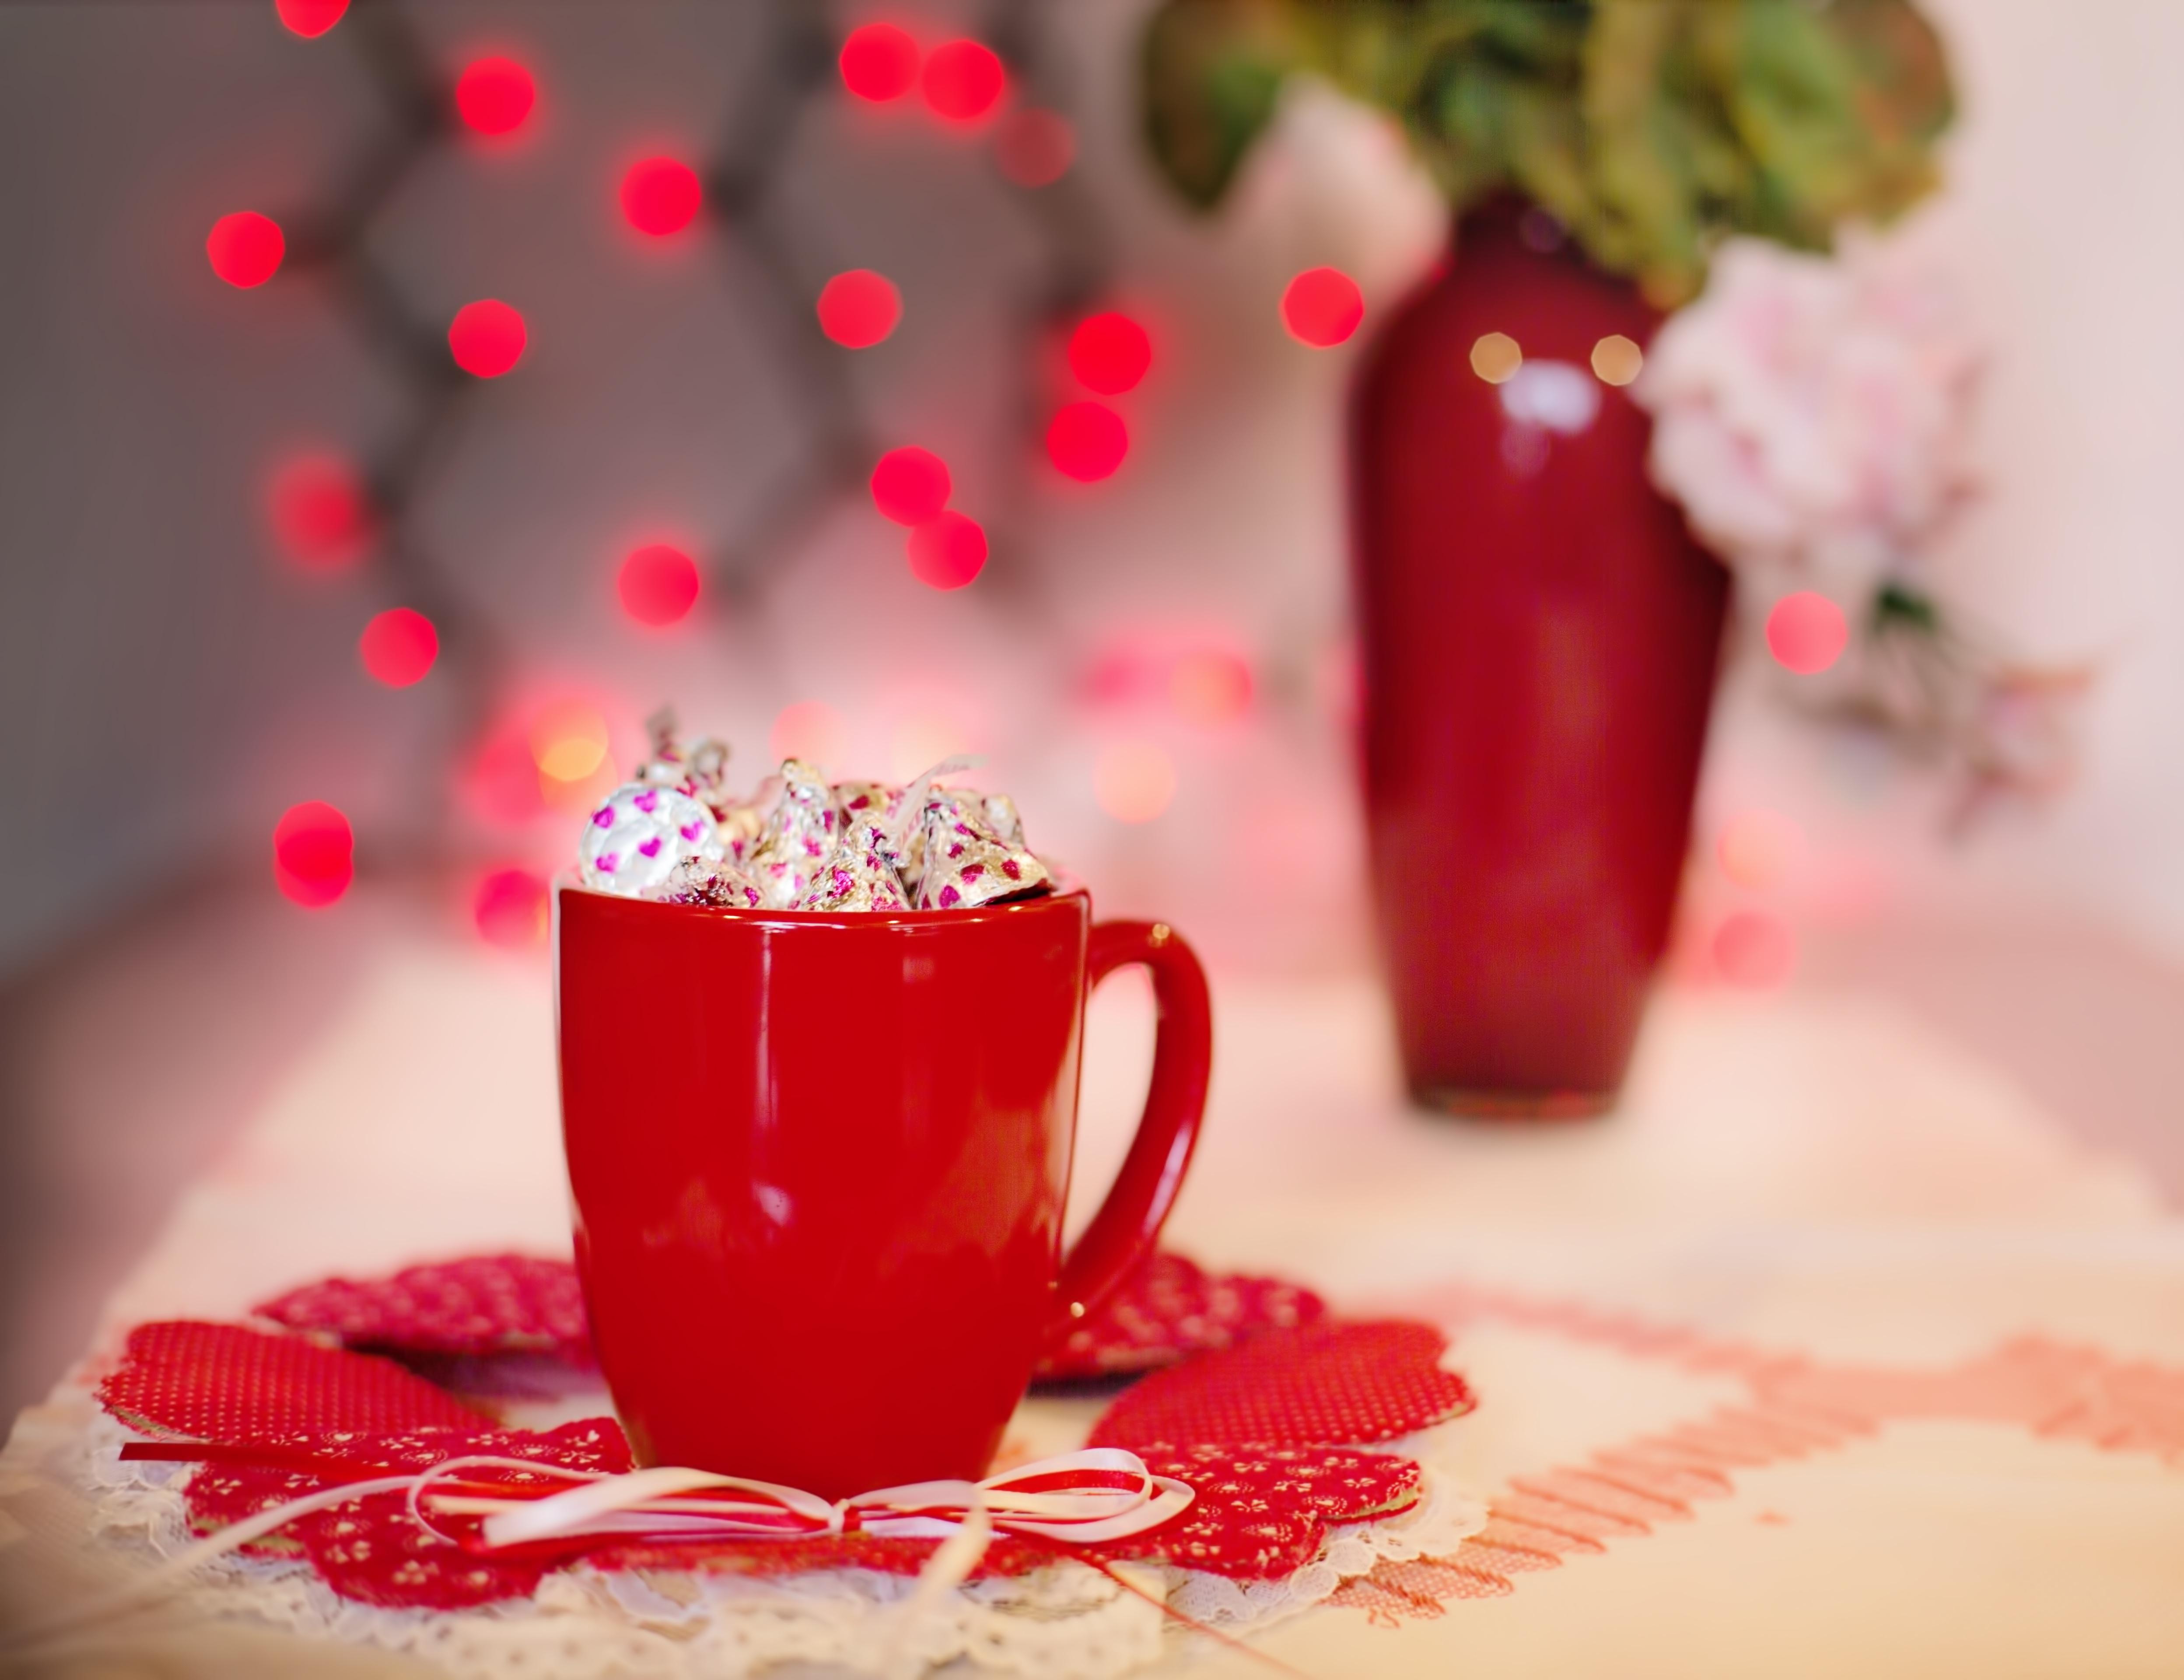 Images gratuites framboise fleur p tale f te amour c ur d coration aliments rouge - Images coeur gratuites ...